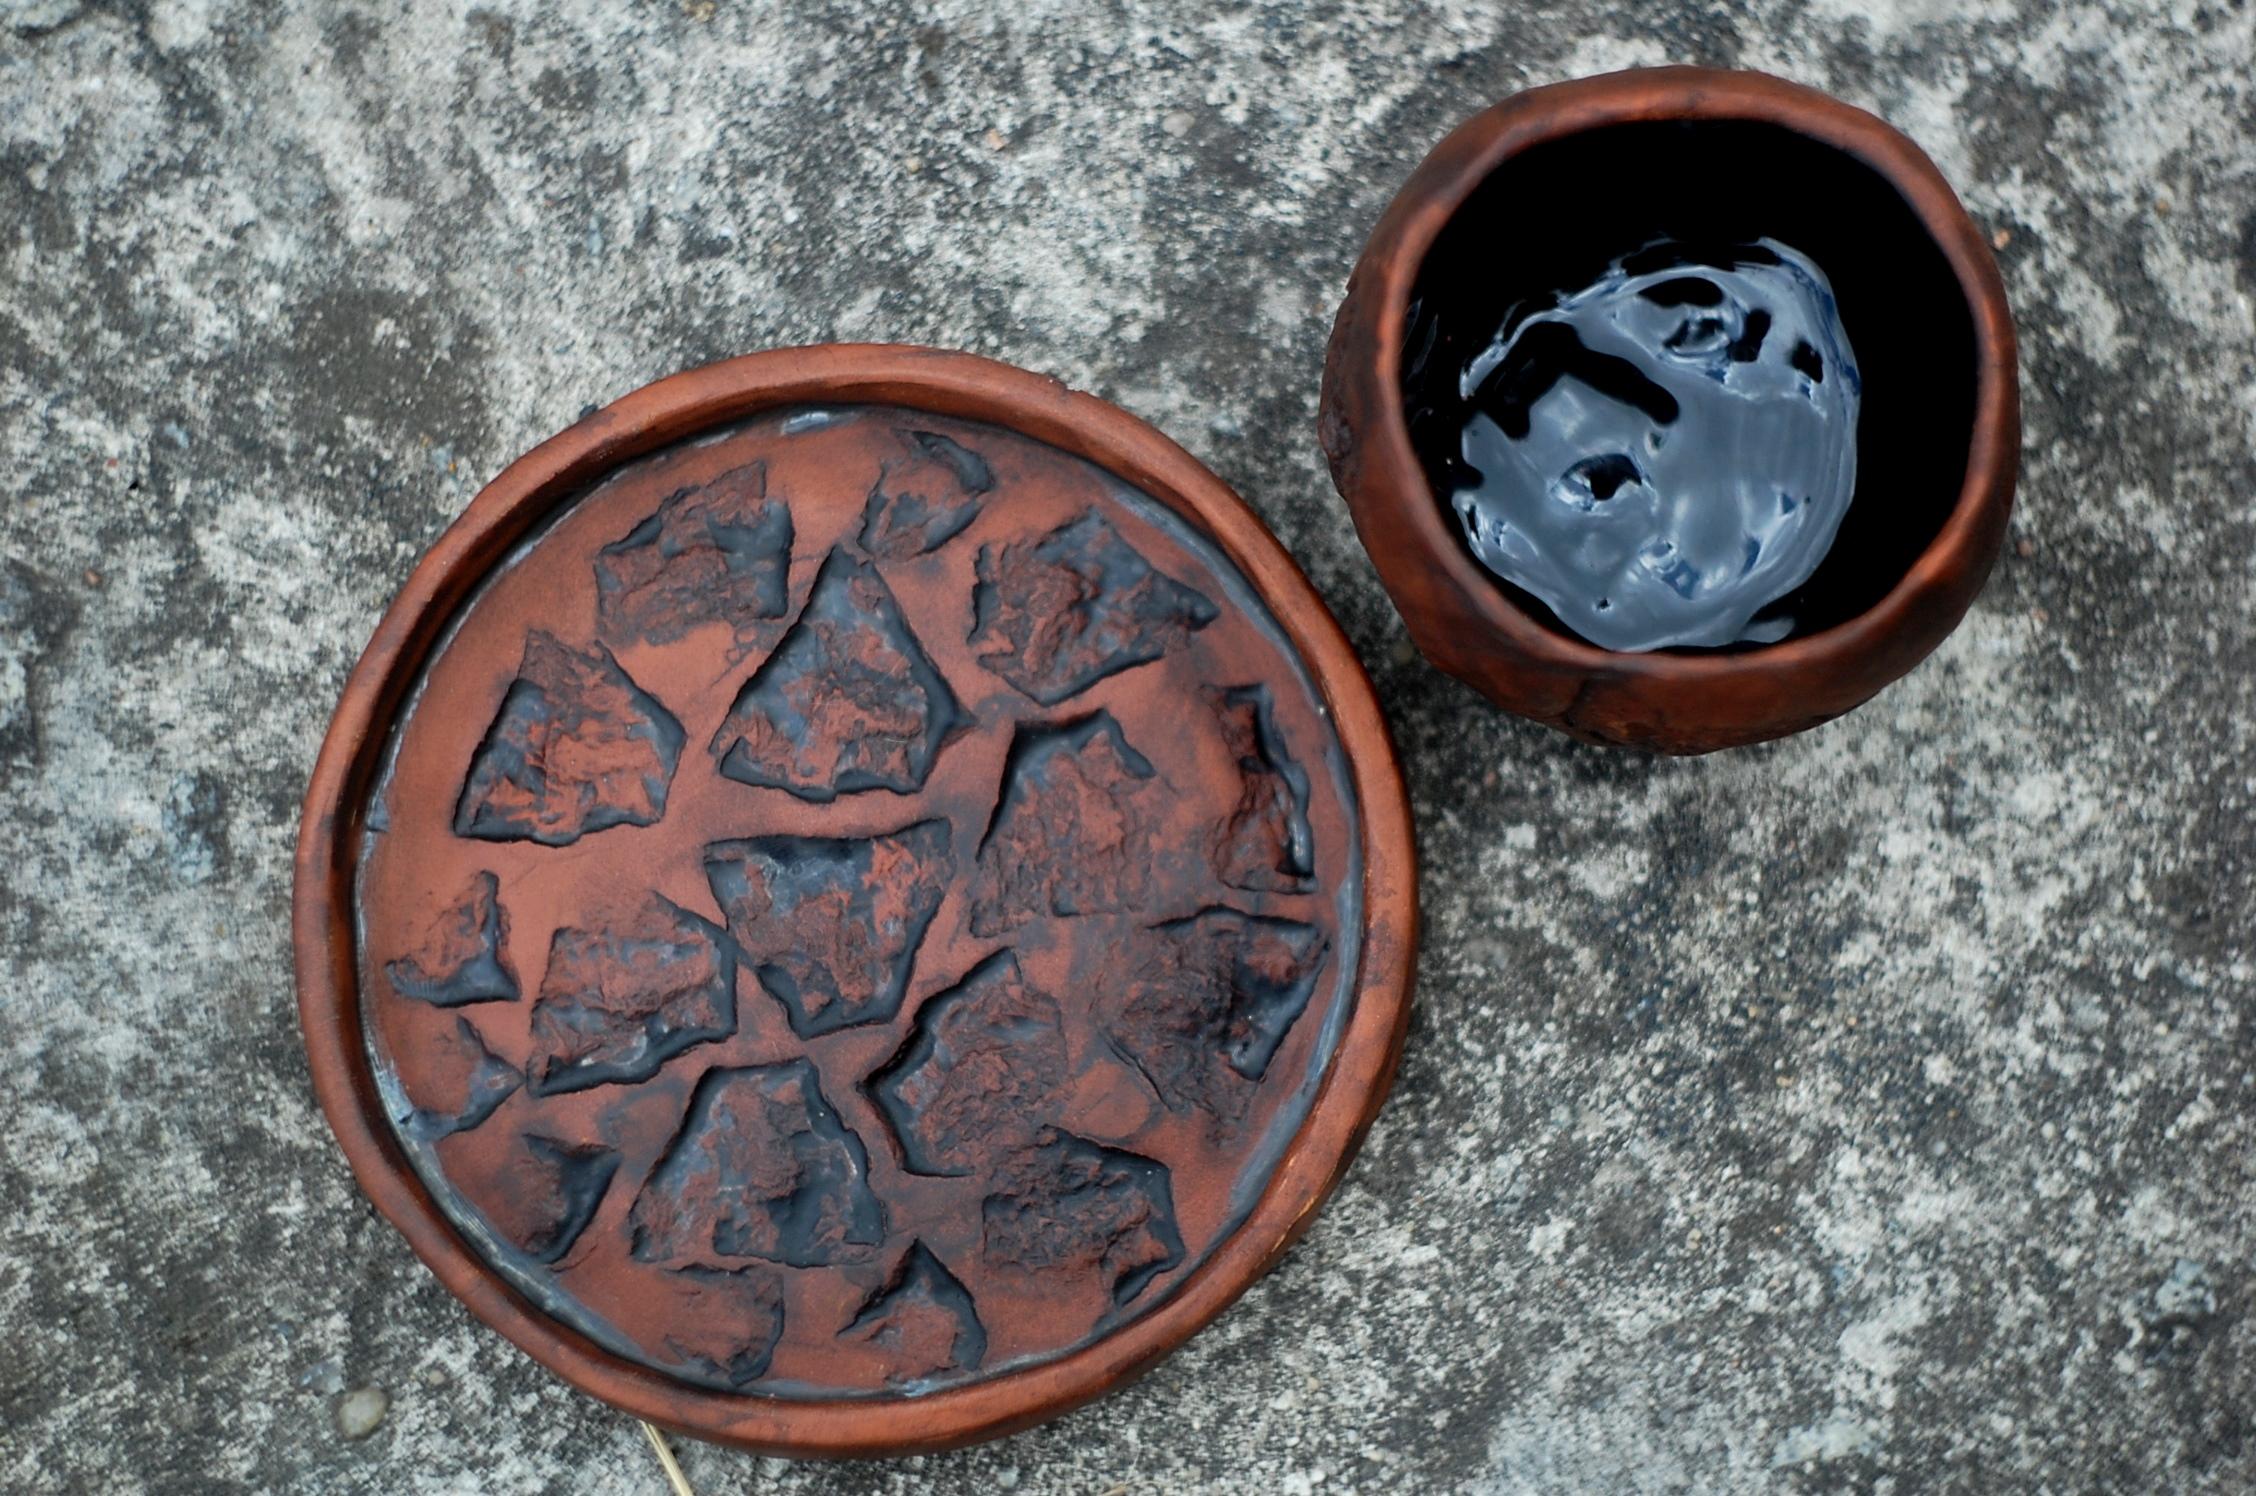 Handmade small pottery ceramic mug Stones art handmade pottery mug ~5oz